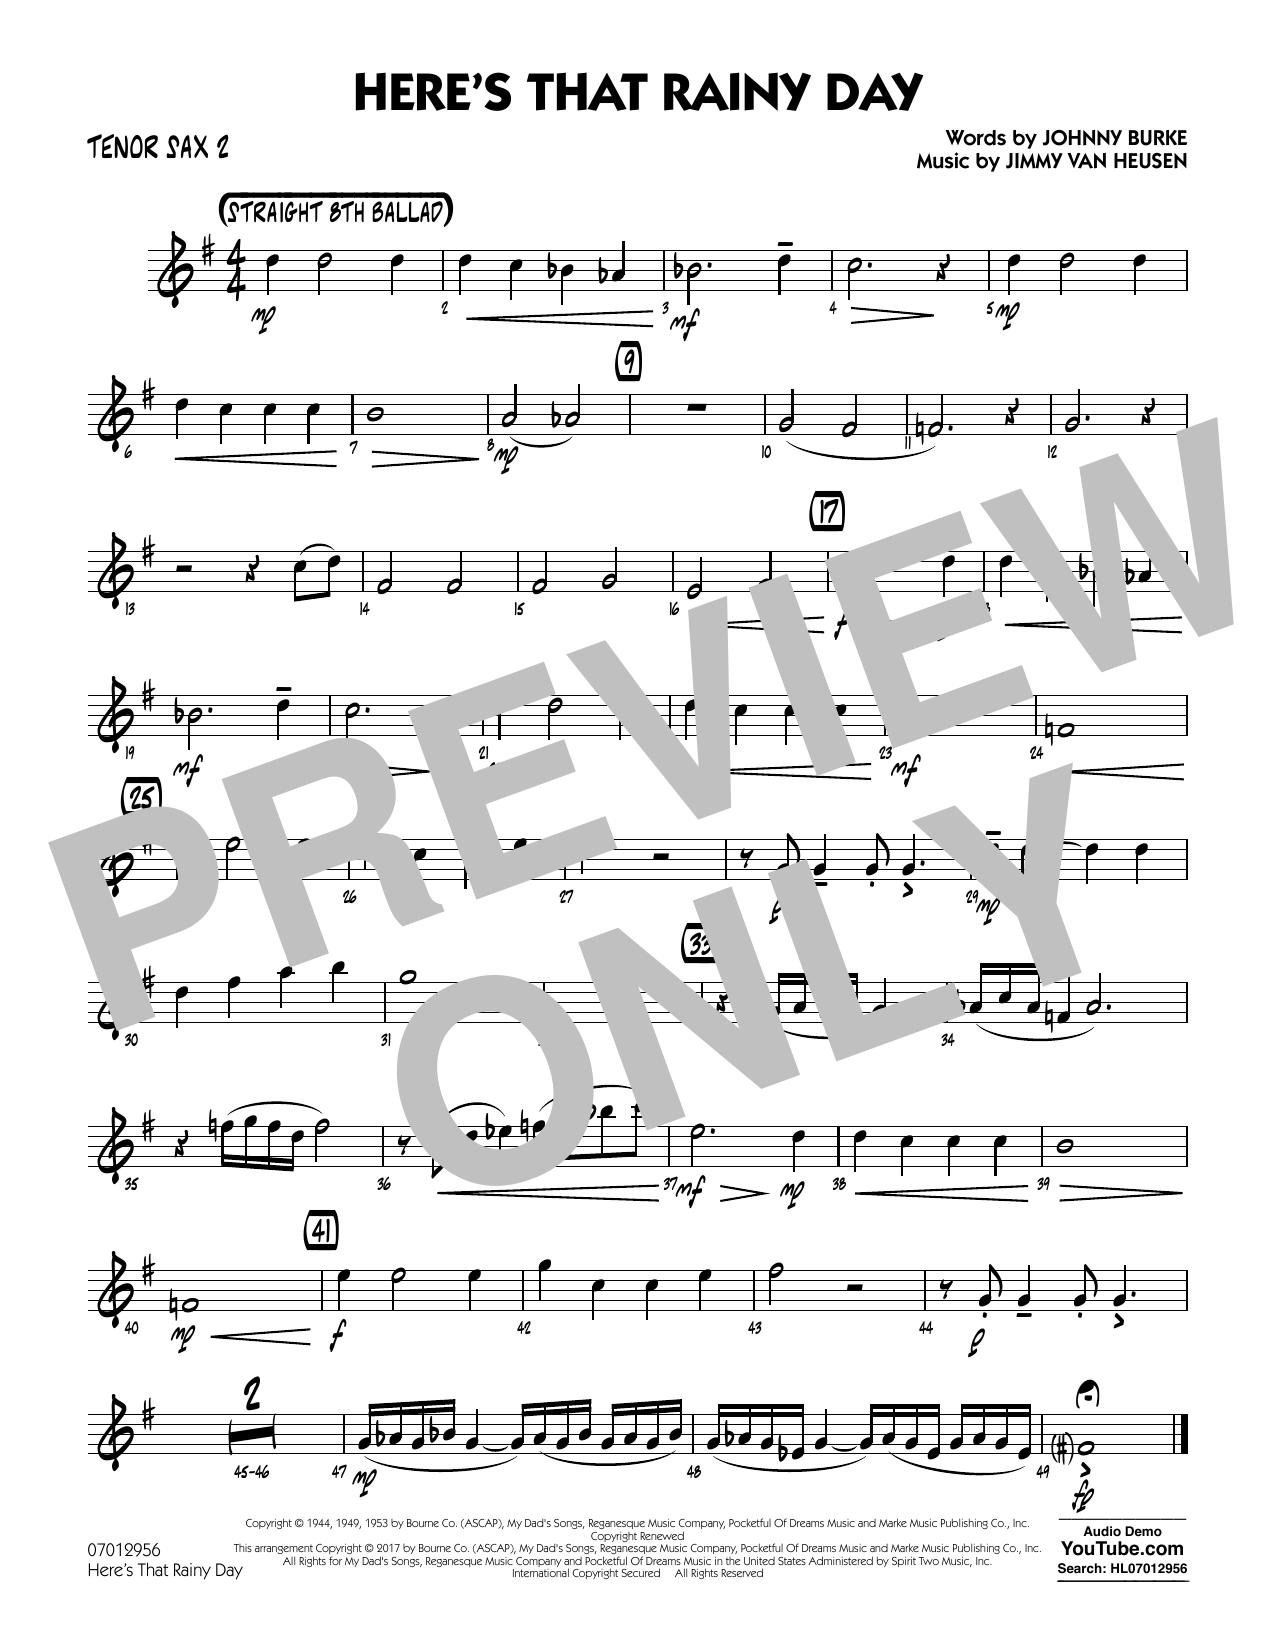 Here's That Rainy Day - Tenor Sax 2 Sheet Music